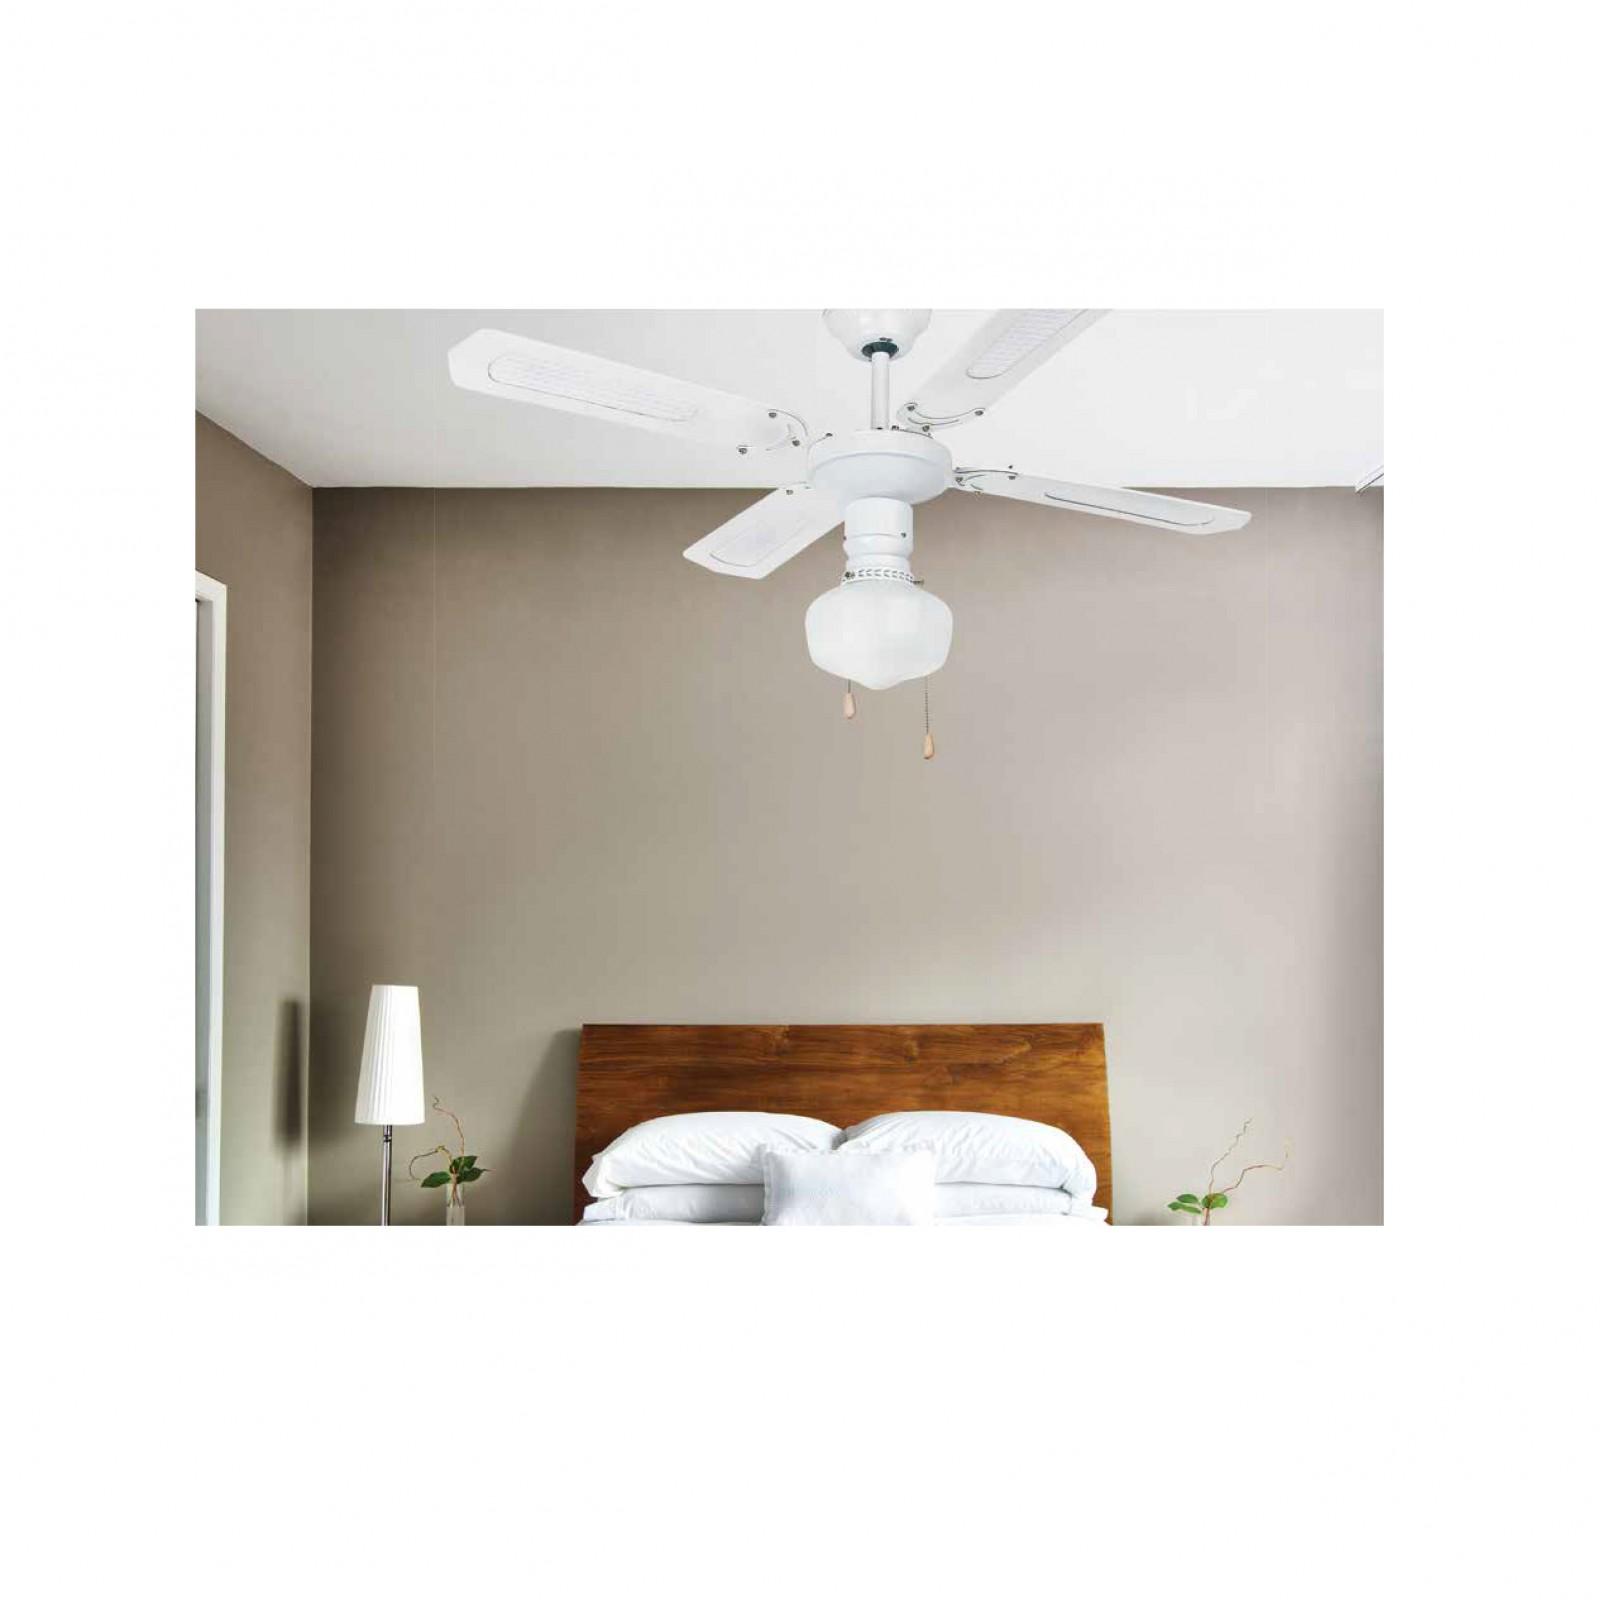 deckenventilator aruba wei mit beleuchtung und zugschnur 106 cm von faro deckenventilator. Black Bedroom Furniture Sets. Home Design Ideas